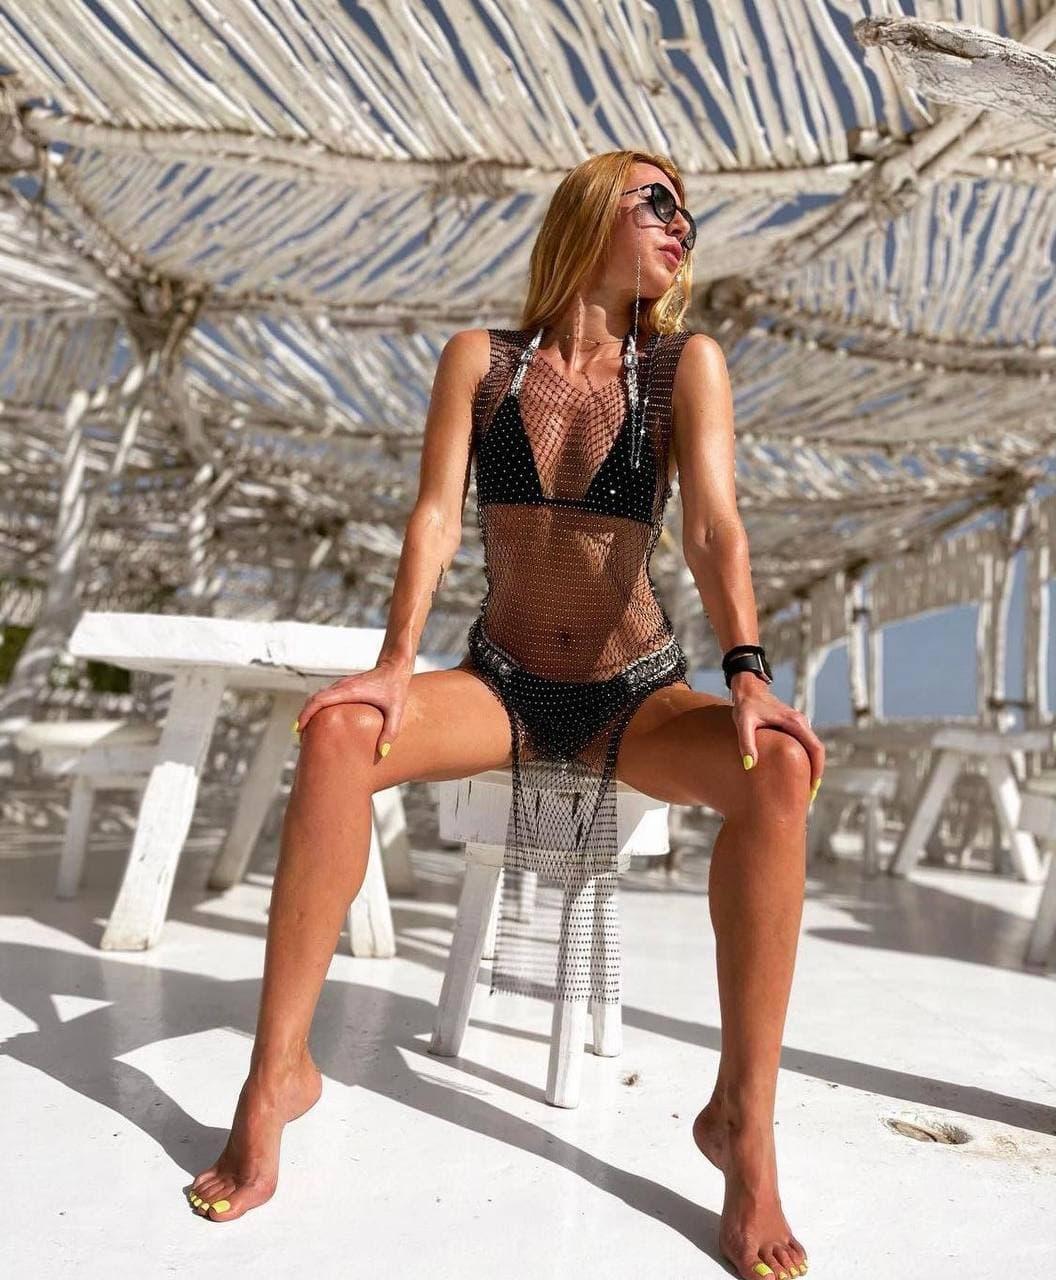 Женский черный купальник с камнями раздельный, Красивый модный купальник однотонный черного цвета 2021